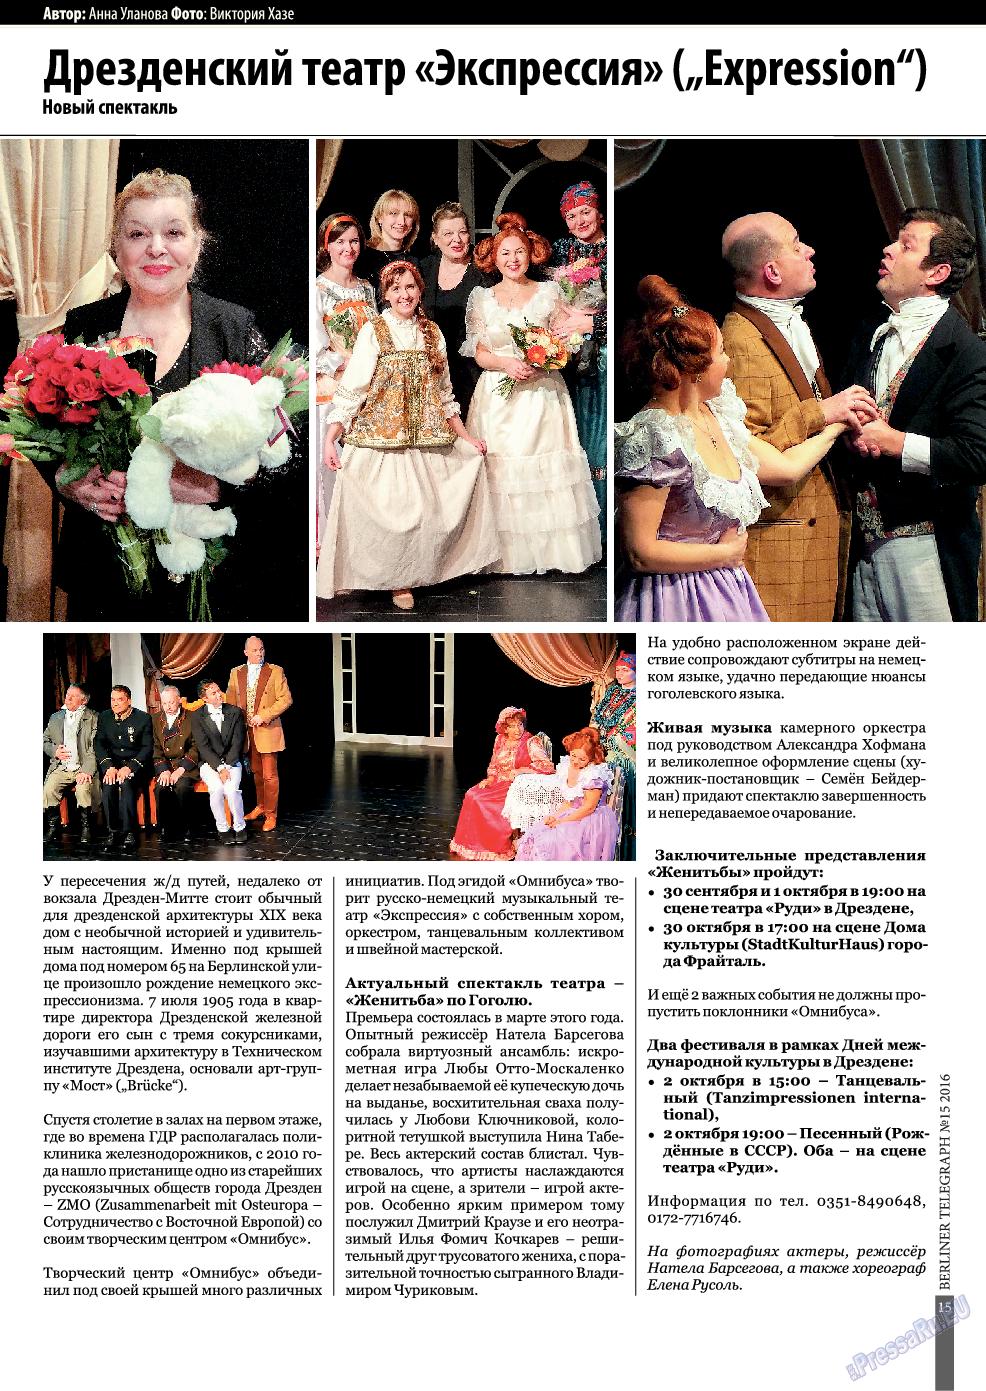 Берлинский телеграф (журнал). 2016 год, номер 15, стр. 15